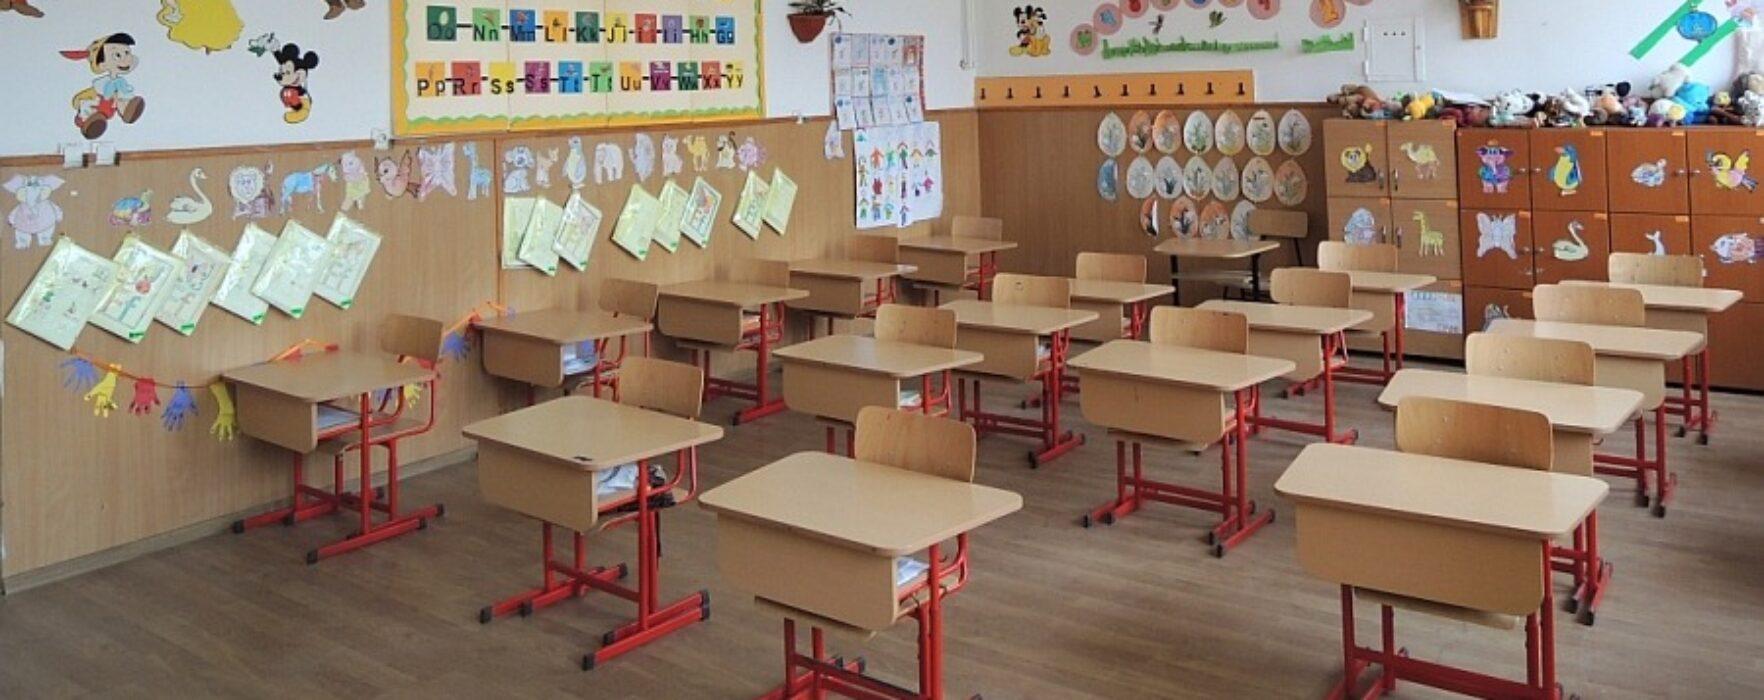 Dâmboviţa: 79 de posturi de director şi director adjunct, rămase vacante la şcolile din judeţ